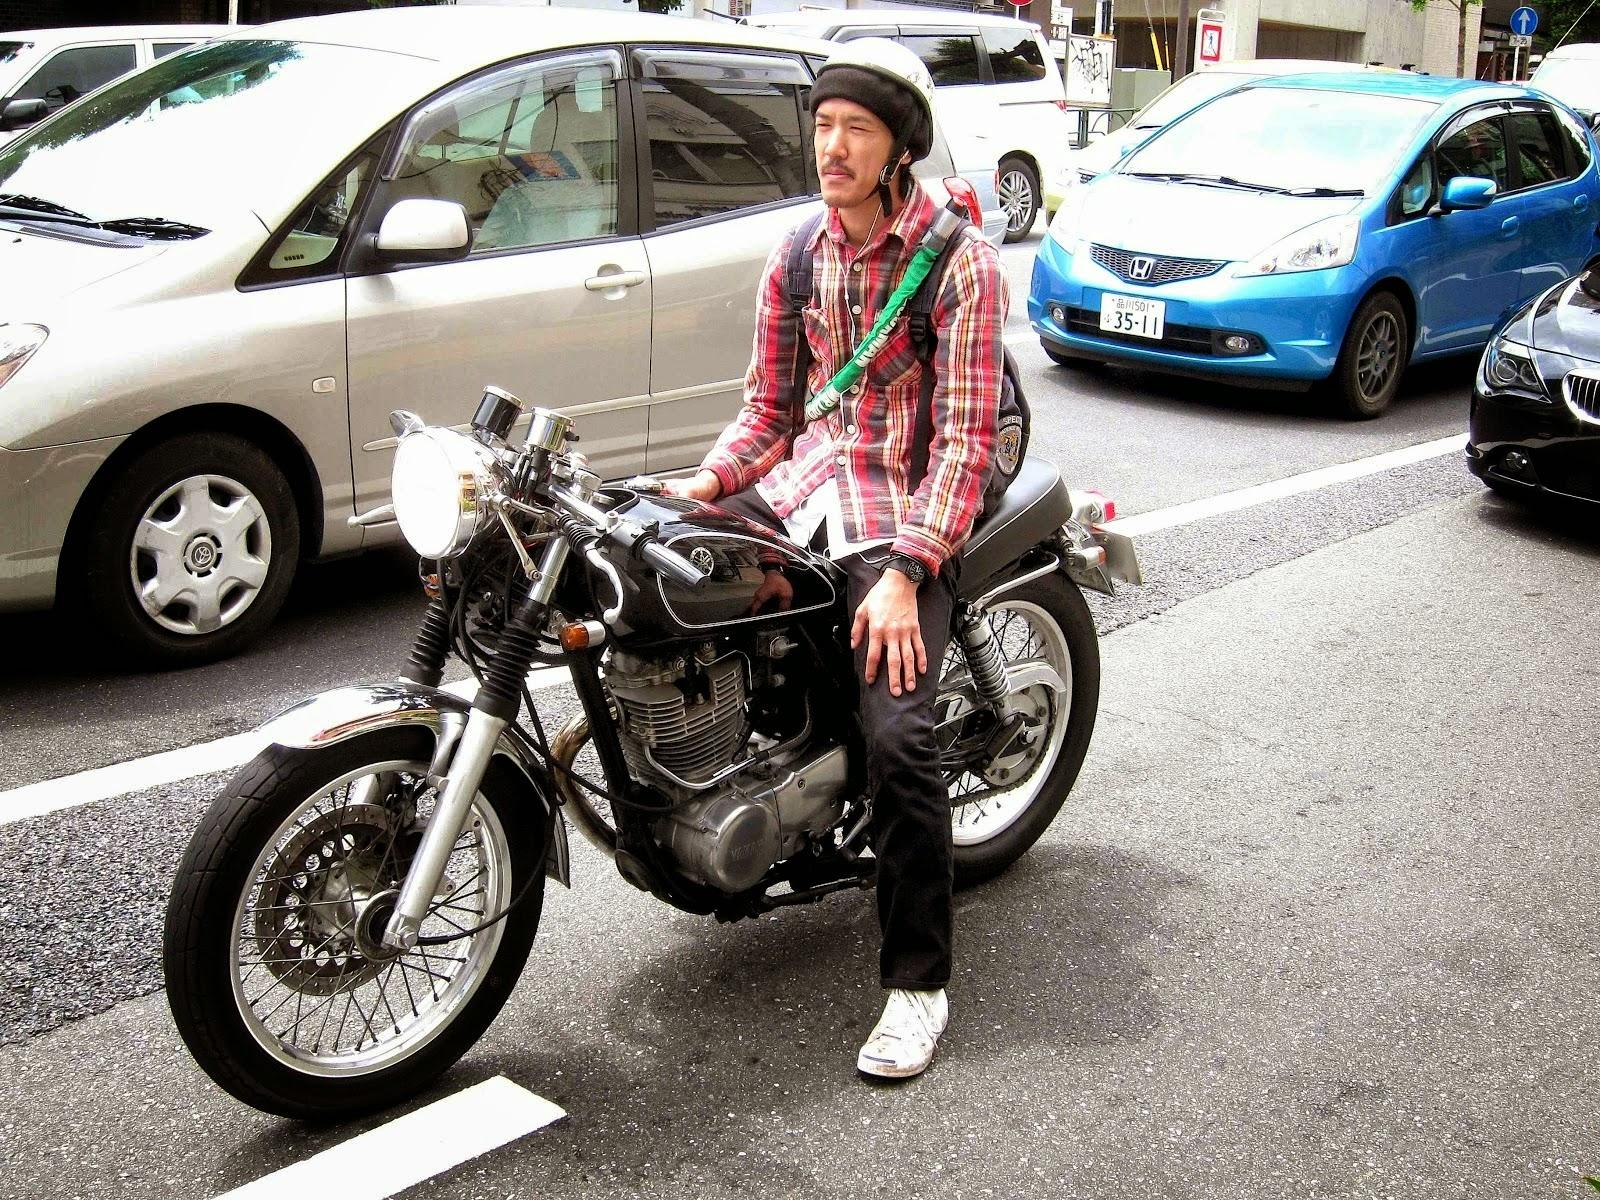 revue de presse dis c 39 est comment la moto a tokyo premi re partie. Black Bedroom Furniture Sets. Home Design Ideas